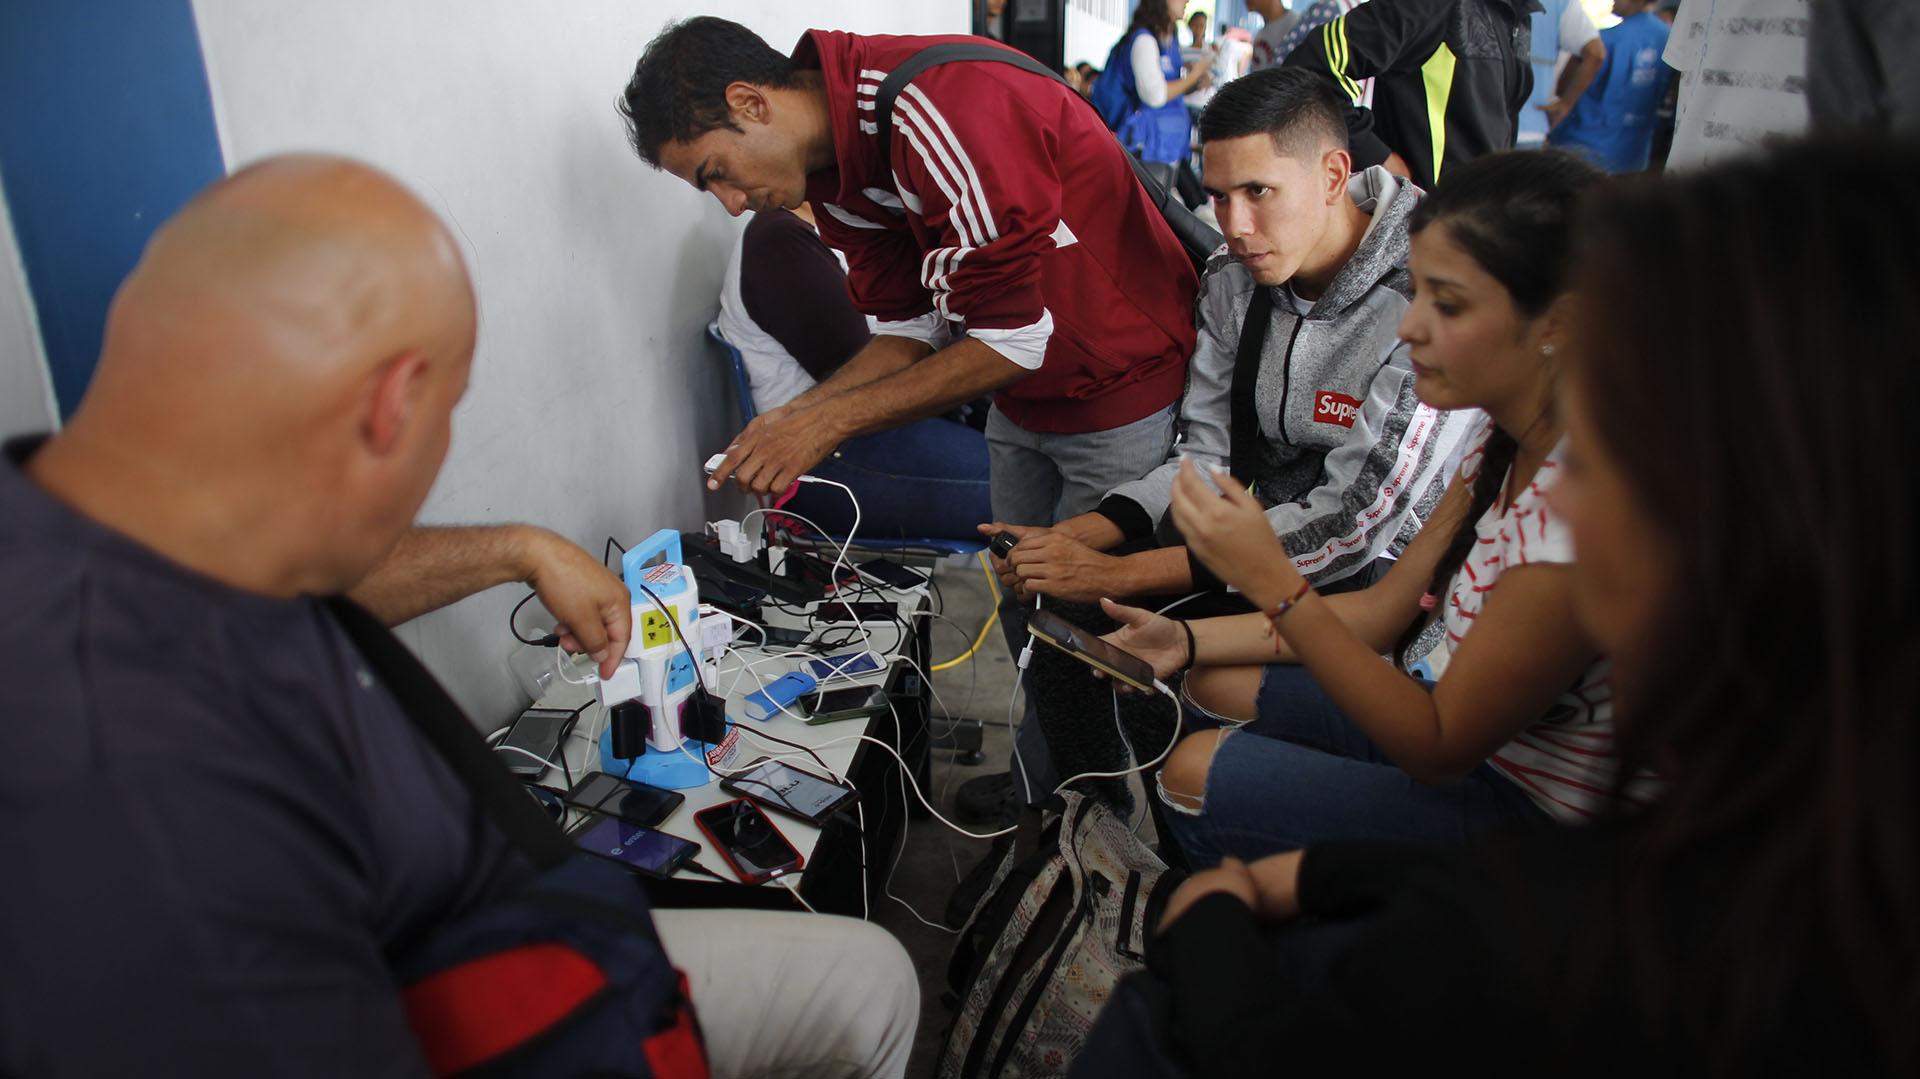 Mantener la carga de los teléfonos es una prioridad para los migrantes, que por momentos deben pasar largos períodos de tiempo sin posibilidad de contacar familaires (AP Photo/Ariana Cubillos)